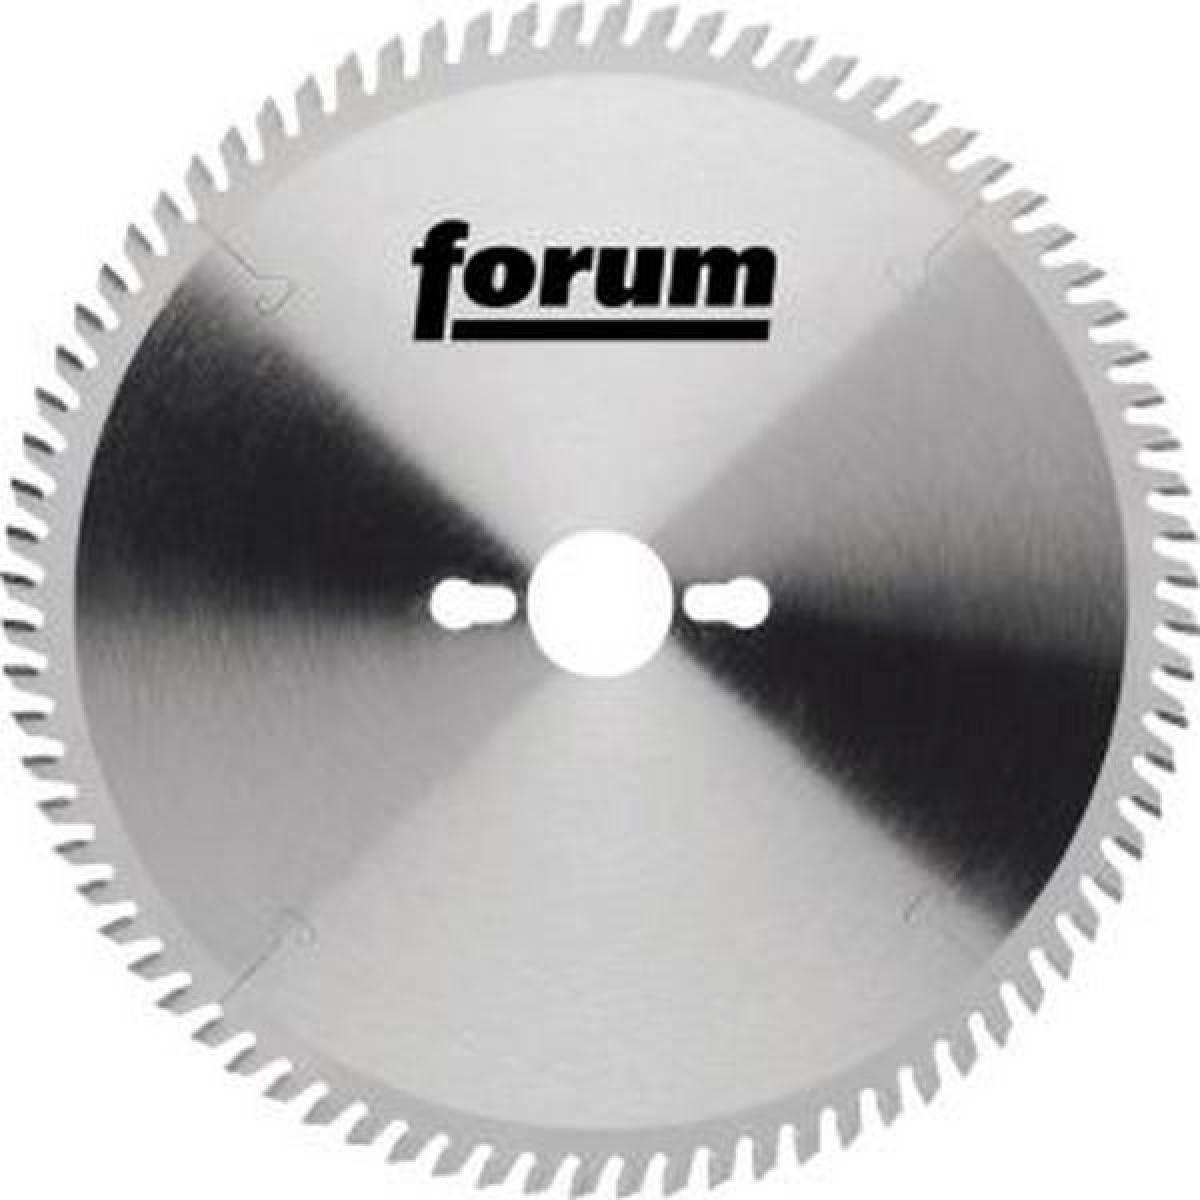 Forum Lame de scie circulaire, Ø : 250 mm, Larg. : 3,1 mm, Alésage 30 mm, Perçages secondaires : 2KNL*, Dents : 60